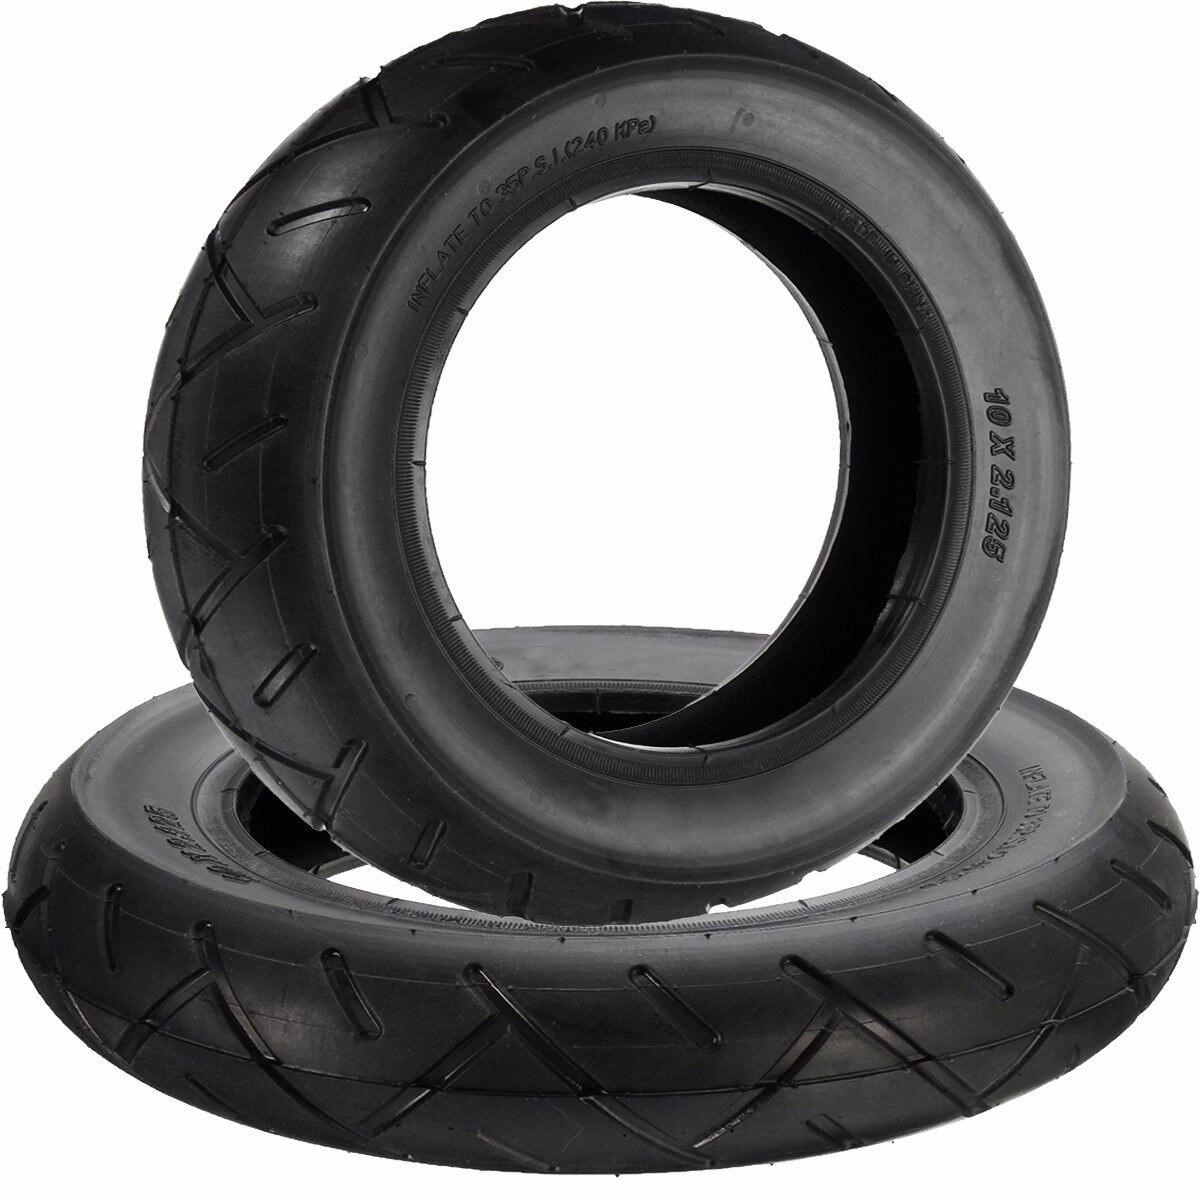 10 zoll x 2,125 zoll Reifen und Schlauch für Hoverboard Selbstausgleich Elektroroller Naturkautschuk Schwarz